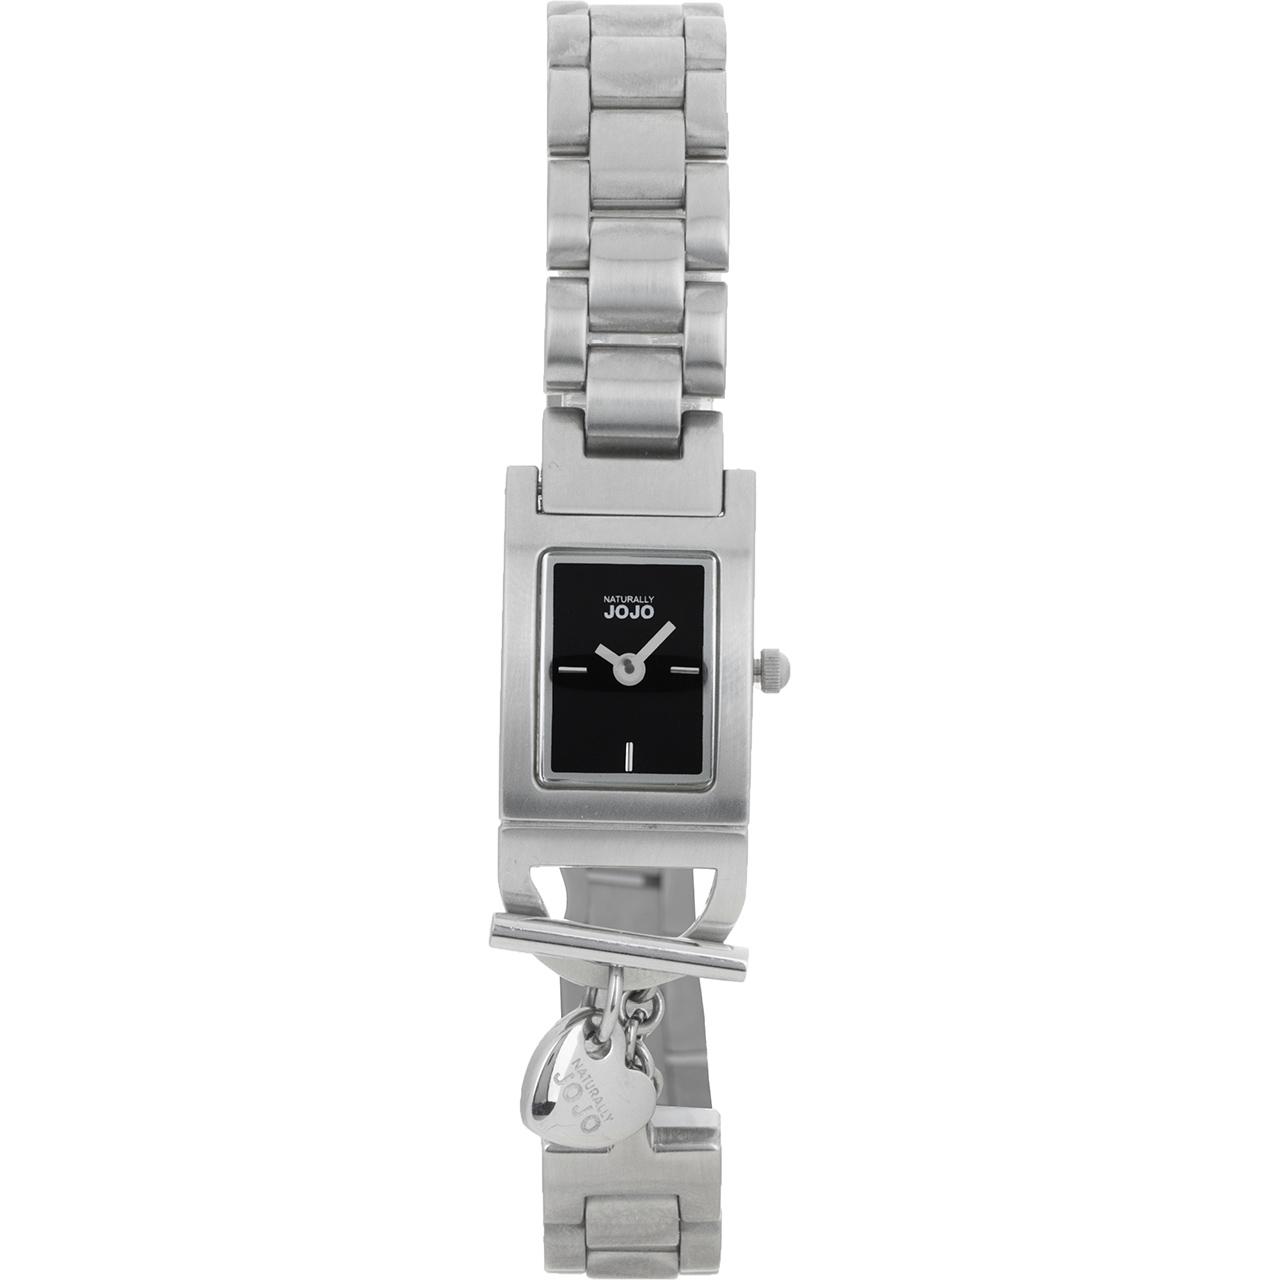 ساعت مچی عقربه ای زنانه نچرالی ژوژو مدل JO96258.88F 41